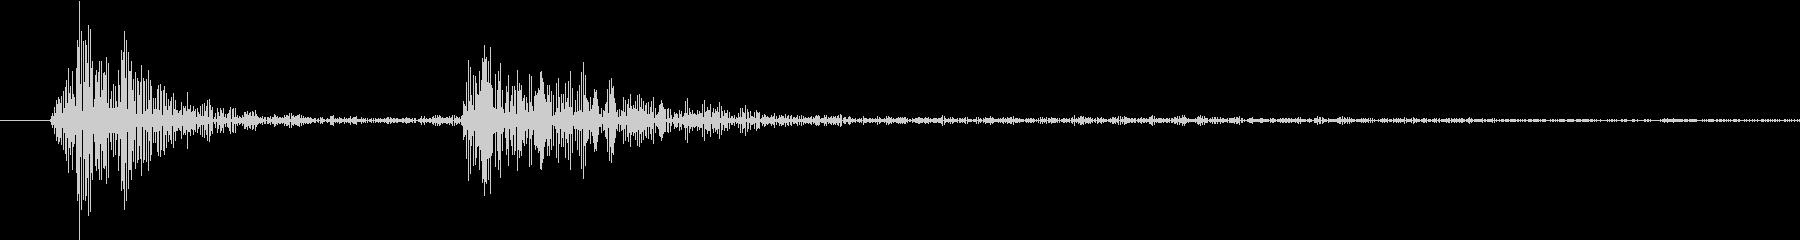 【生録音】お箸の音 17 そっと手に取るの未再生の波形